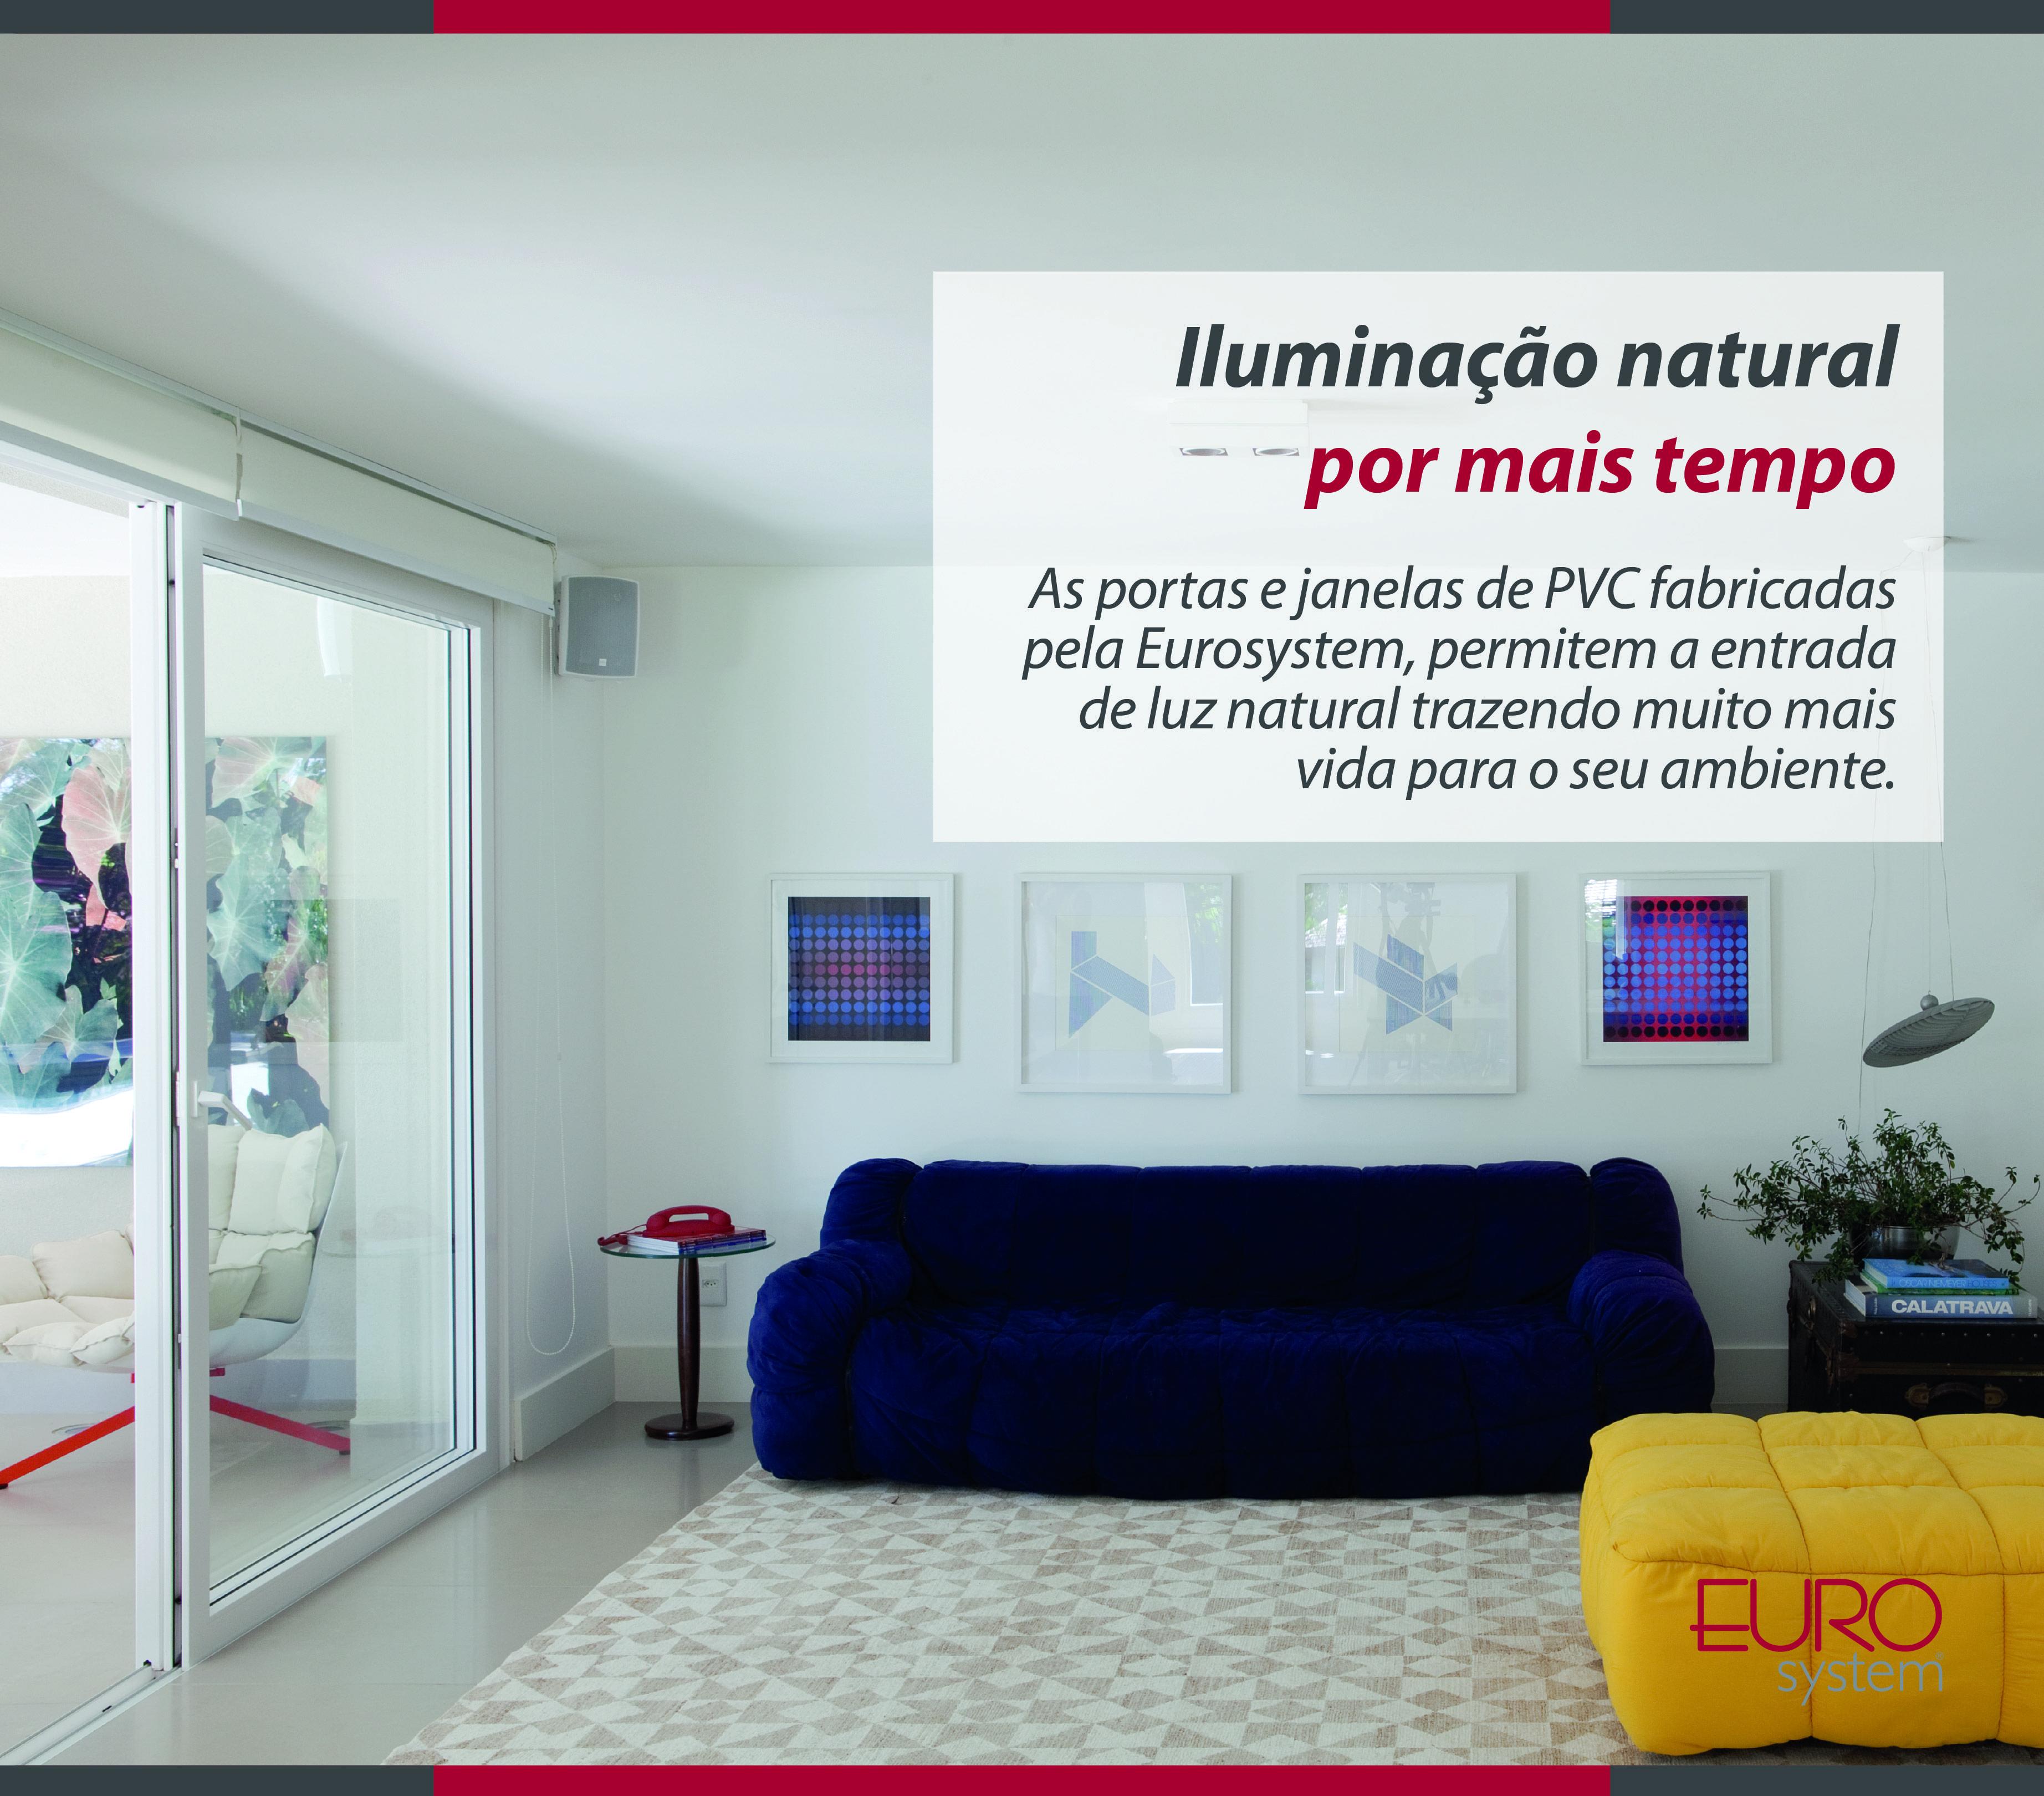 Iluminação natural por mais tempo!  As portas e janelas de PVC fabricadas pela Eurosystem, permitem a entrada de luz natural trazendo muito mais vida para o seu ambiente.  #Eurosystem #SoluçõesInteligentesParaSeuProjeto #EsquadriasdePvc #PorqueSeuProjetoMereceoMelhor